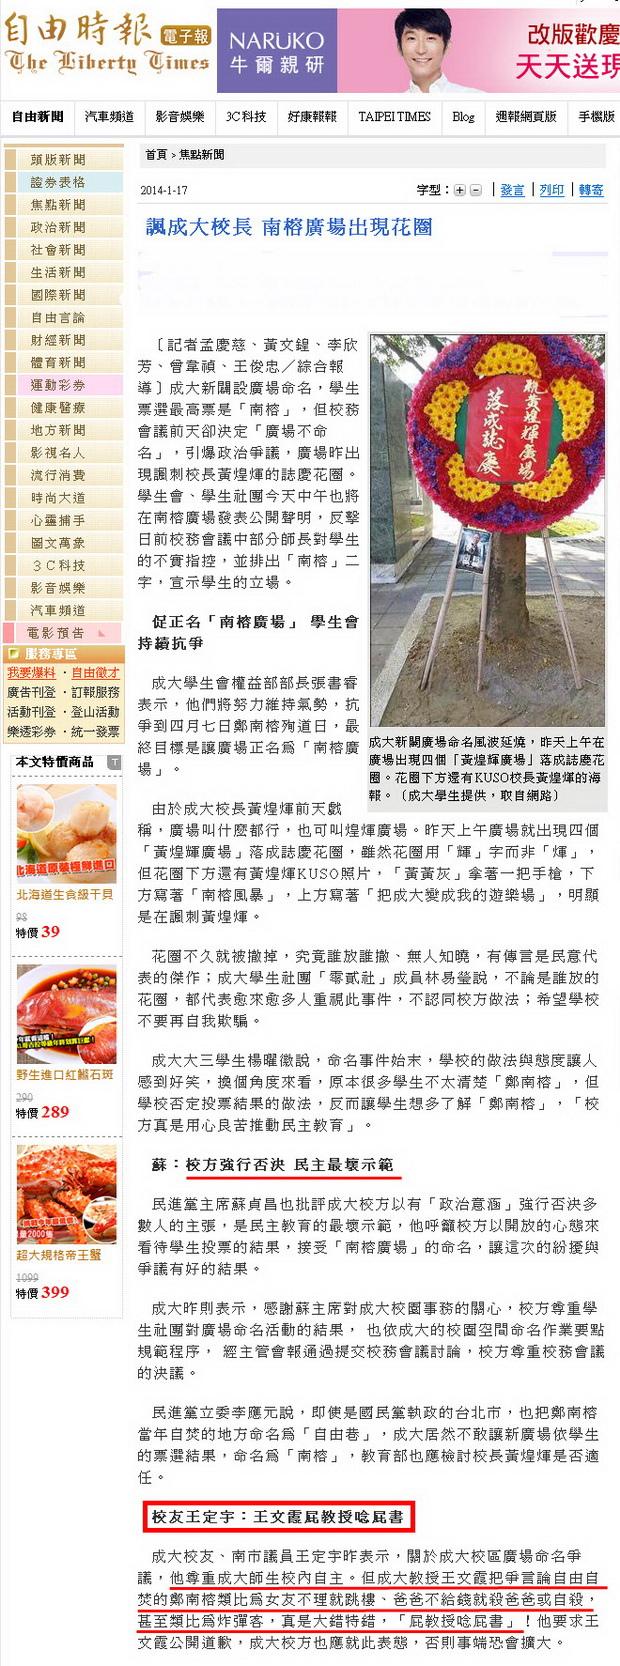 諷成大校長 南榕廣場出現花圈 -2014.01.17.jpg